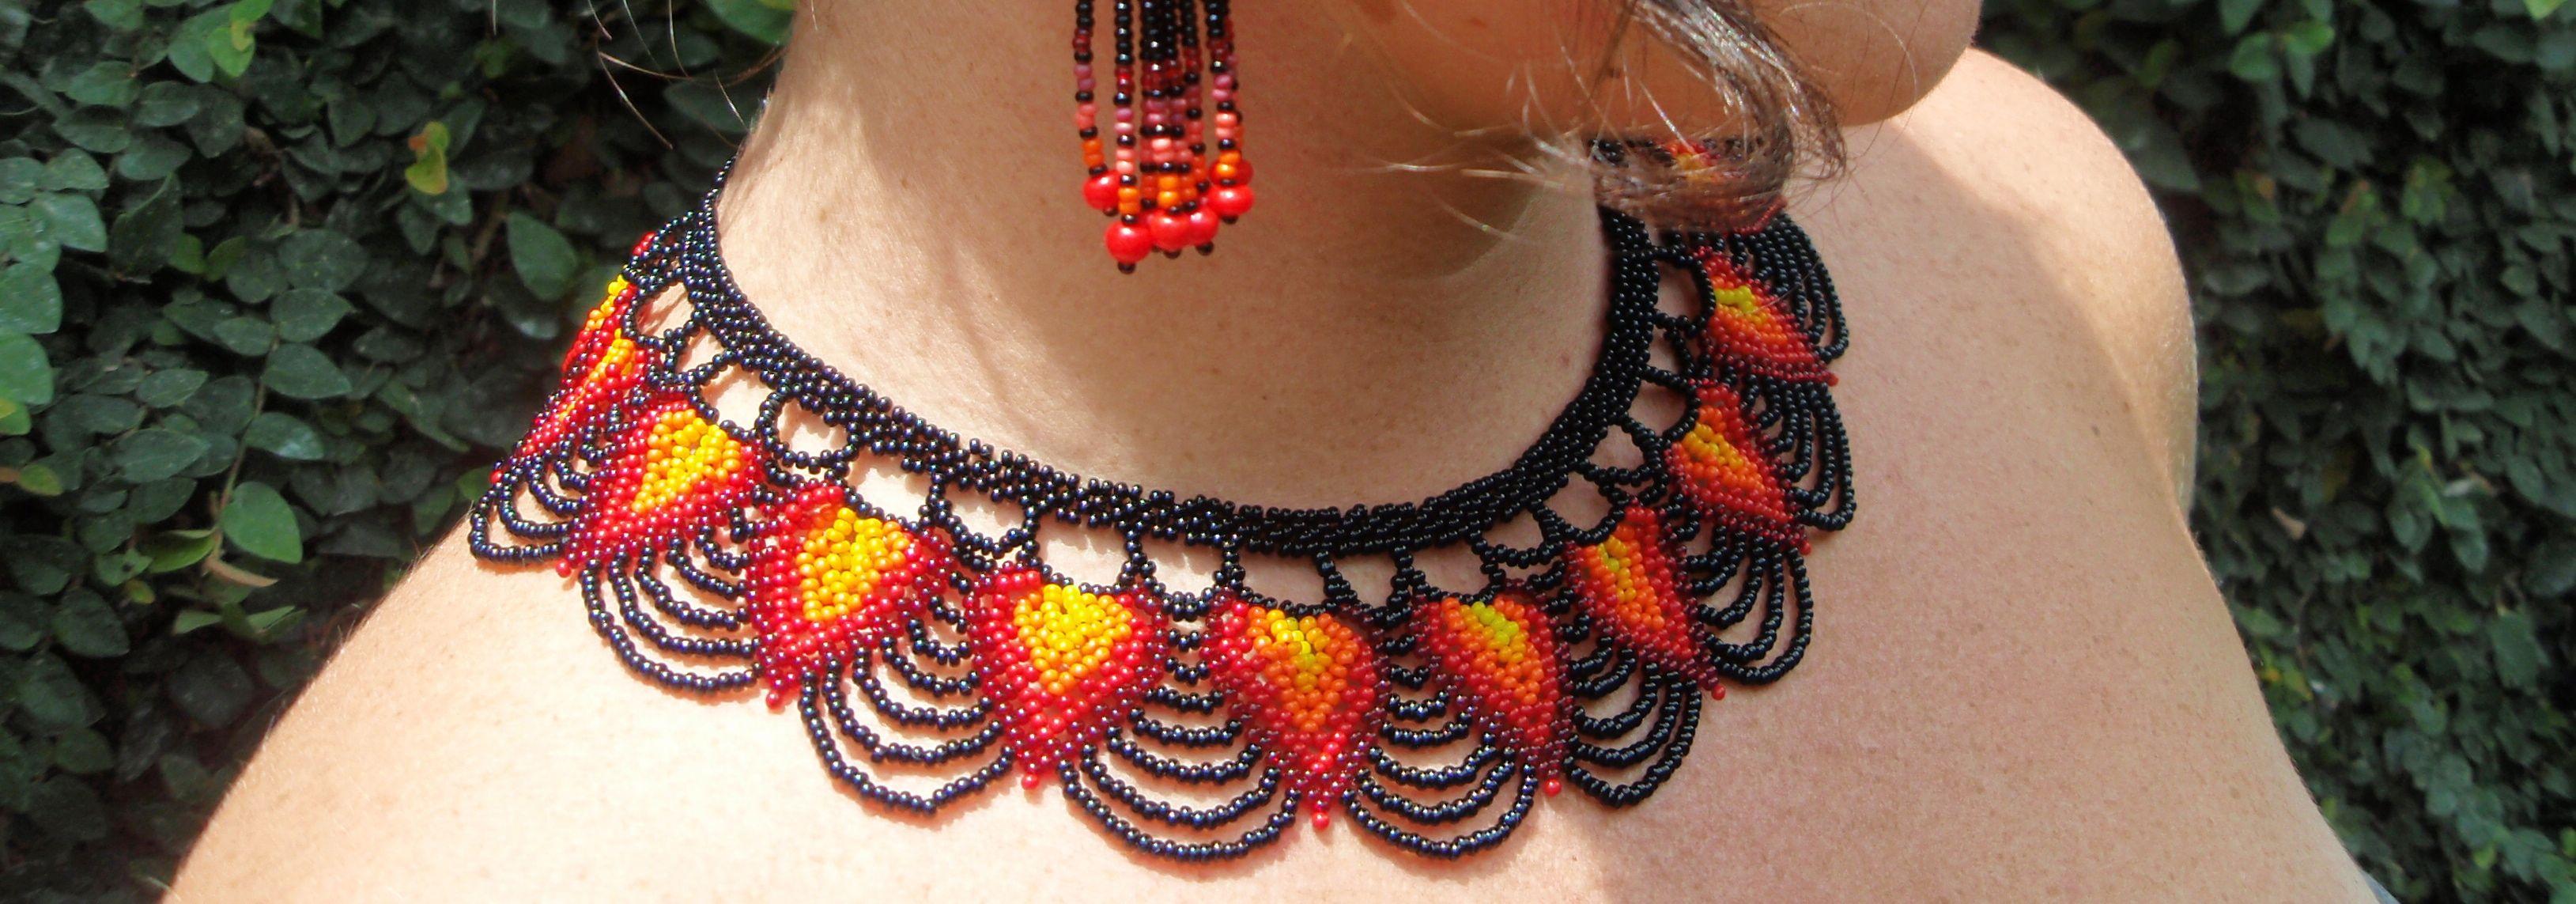 Huichol collar